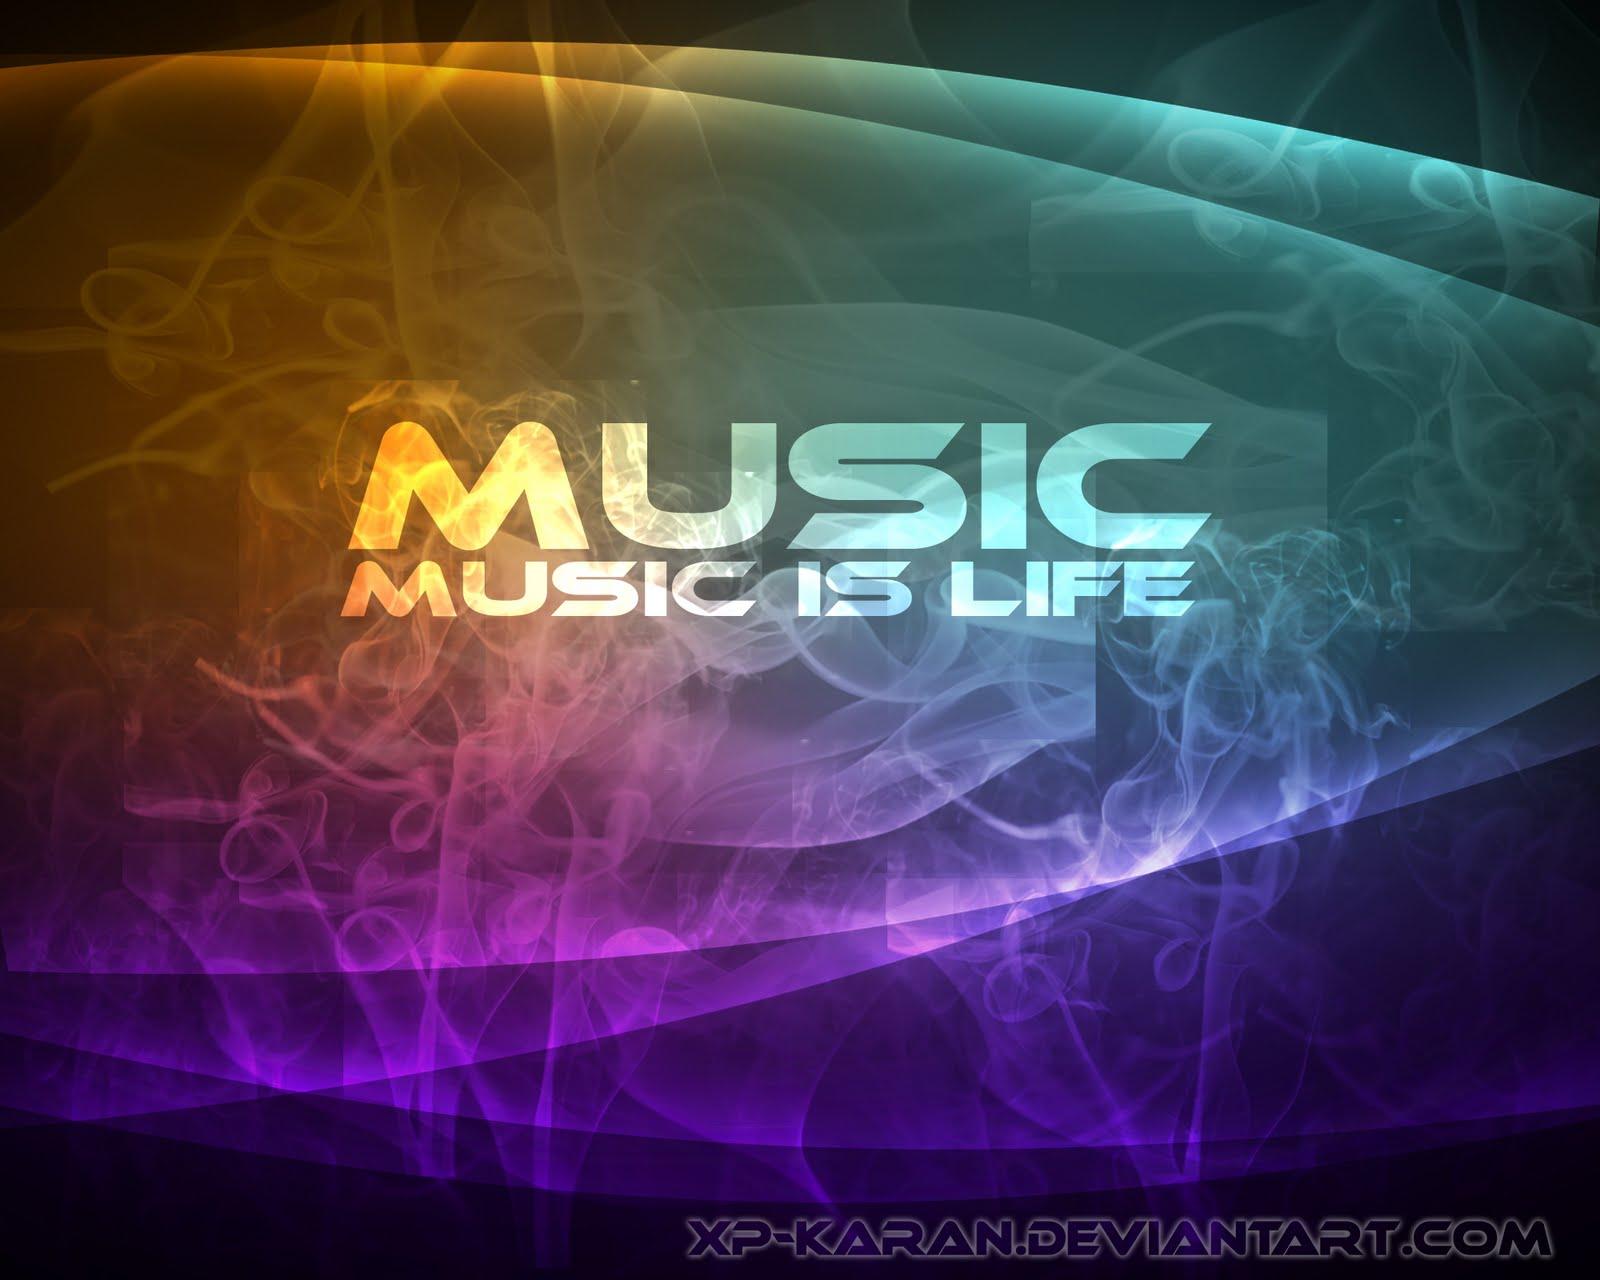 http://1.bp.blogspot.com/-zx_fuT2gFac/TYe0voUhUmI/AAAAAAAAAQE/UOnh2hV9Cv8/s1600/Music_2_Wallpaper_by_xp_karan.jpg